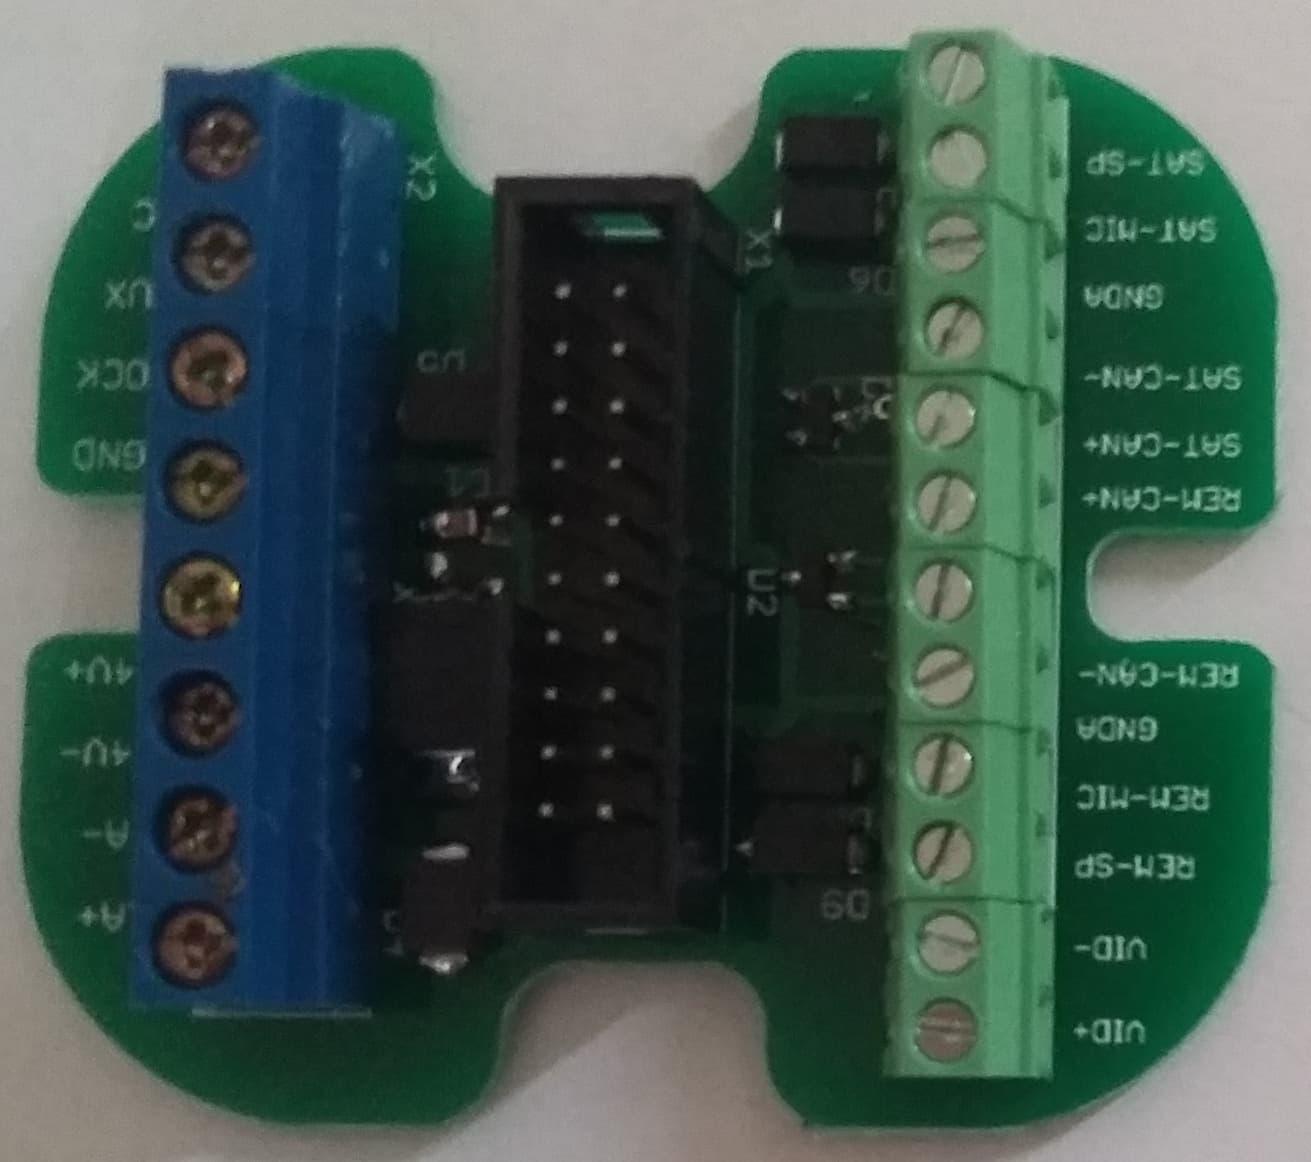 Teljes kiépítésű csatlakozó KDC-3905-höz